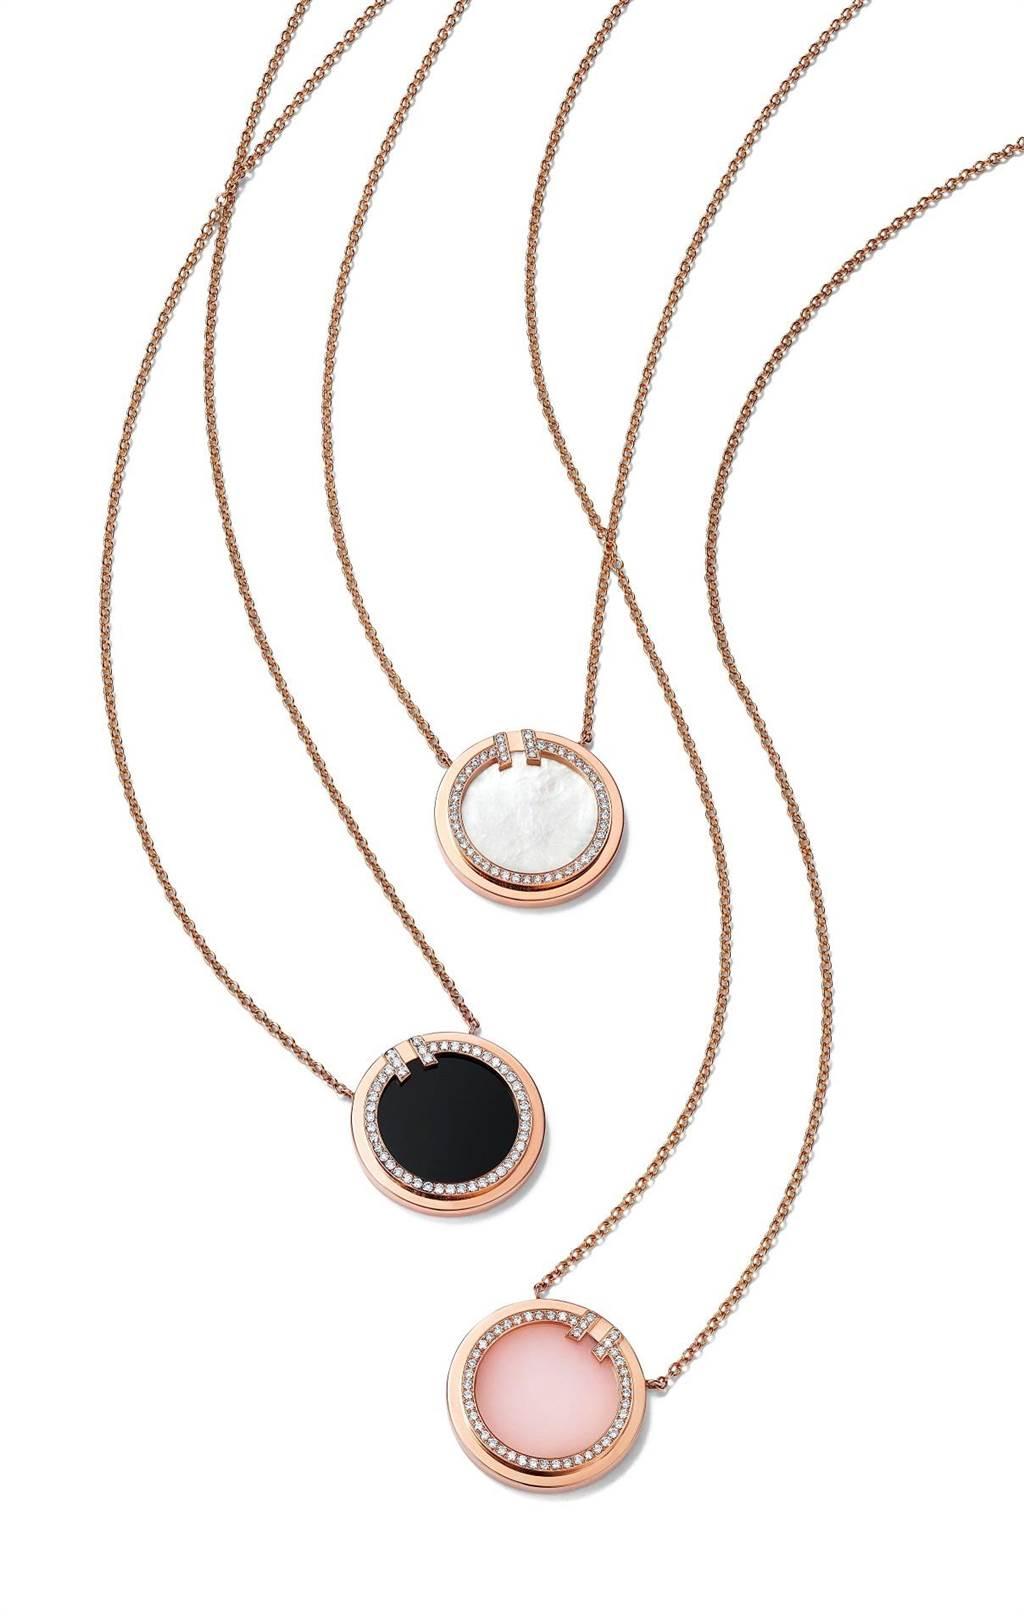 Tiffany T Two 鍊墜,白色珍珠母貝款8萬3000元、黑色縞瑪瑙款8萬3000元、粉色蛋白石款8萬7000元。(Tiffany & Co.提供)